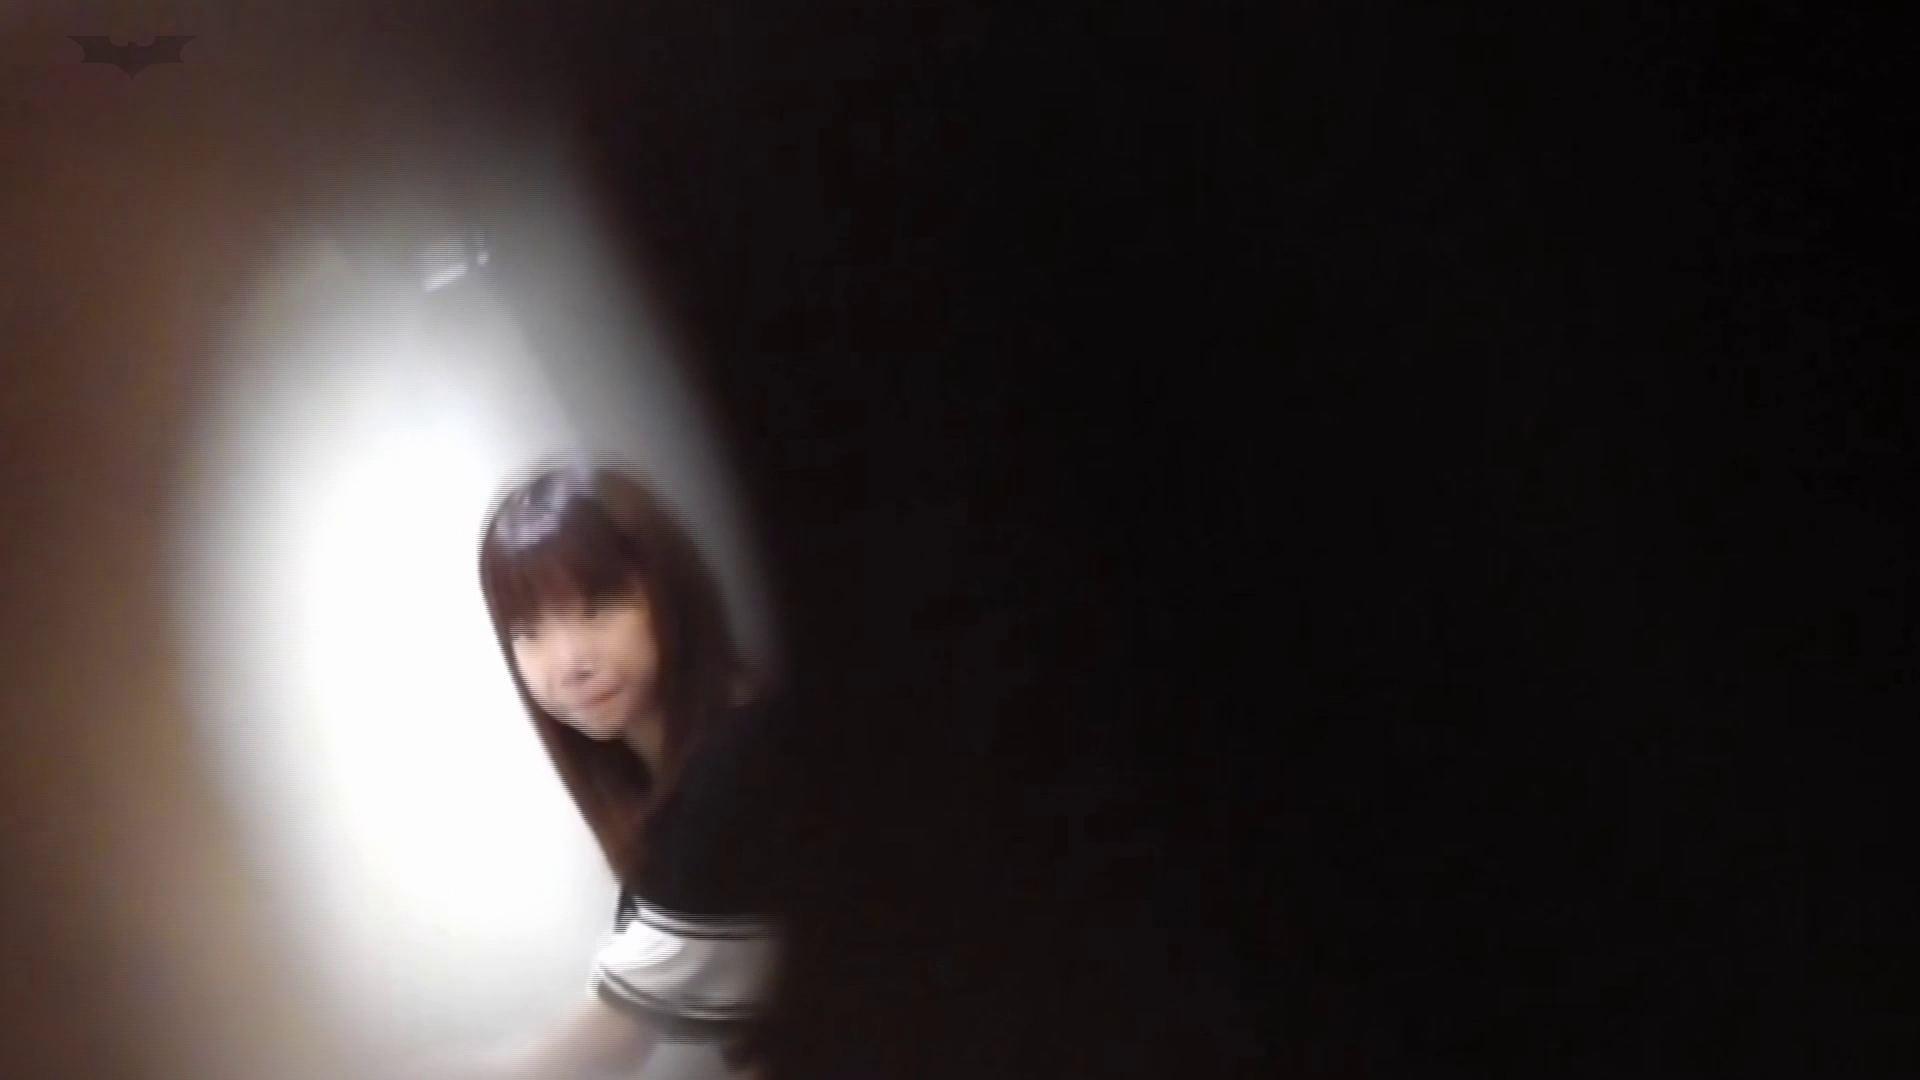 和式洋式七変化 Vol.32 綺麗な子連続登場 OLの実態 盗撮AV動画キャプチャ 69pic 47